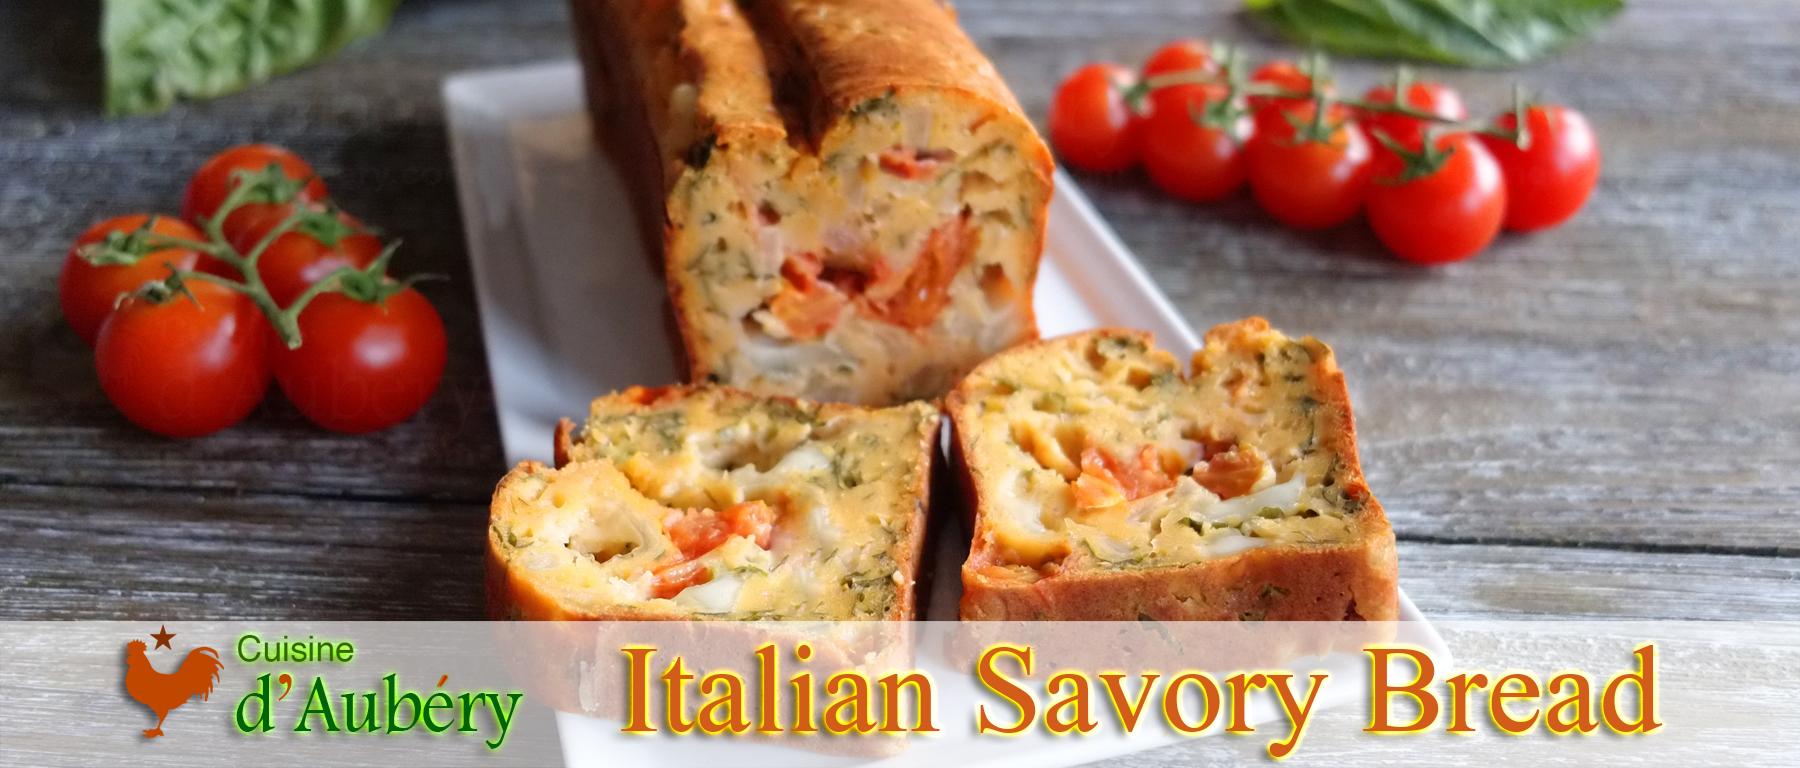 Vincenzo's Italian Savory Bread (Tomato Basil Mozzarella) (like in Venice)